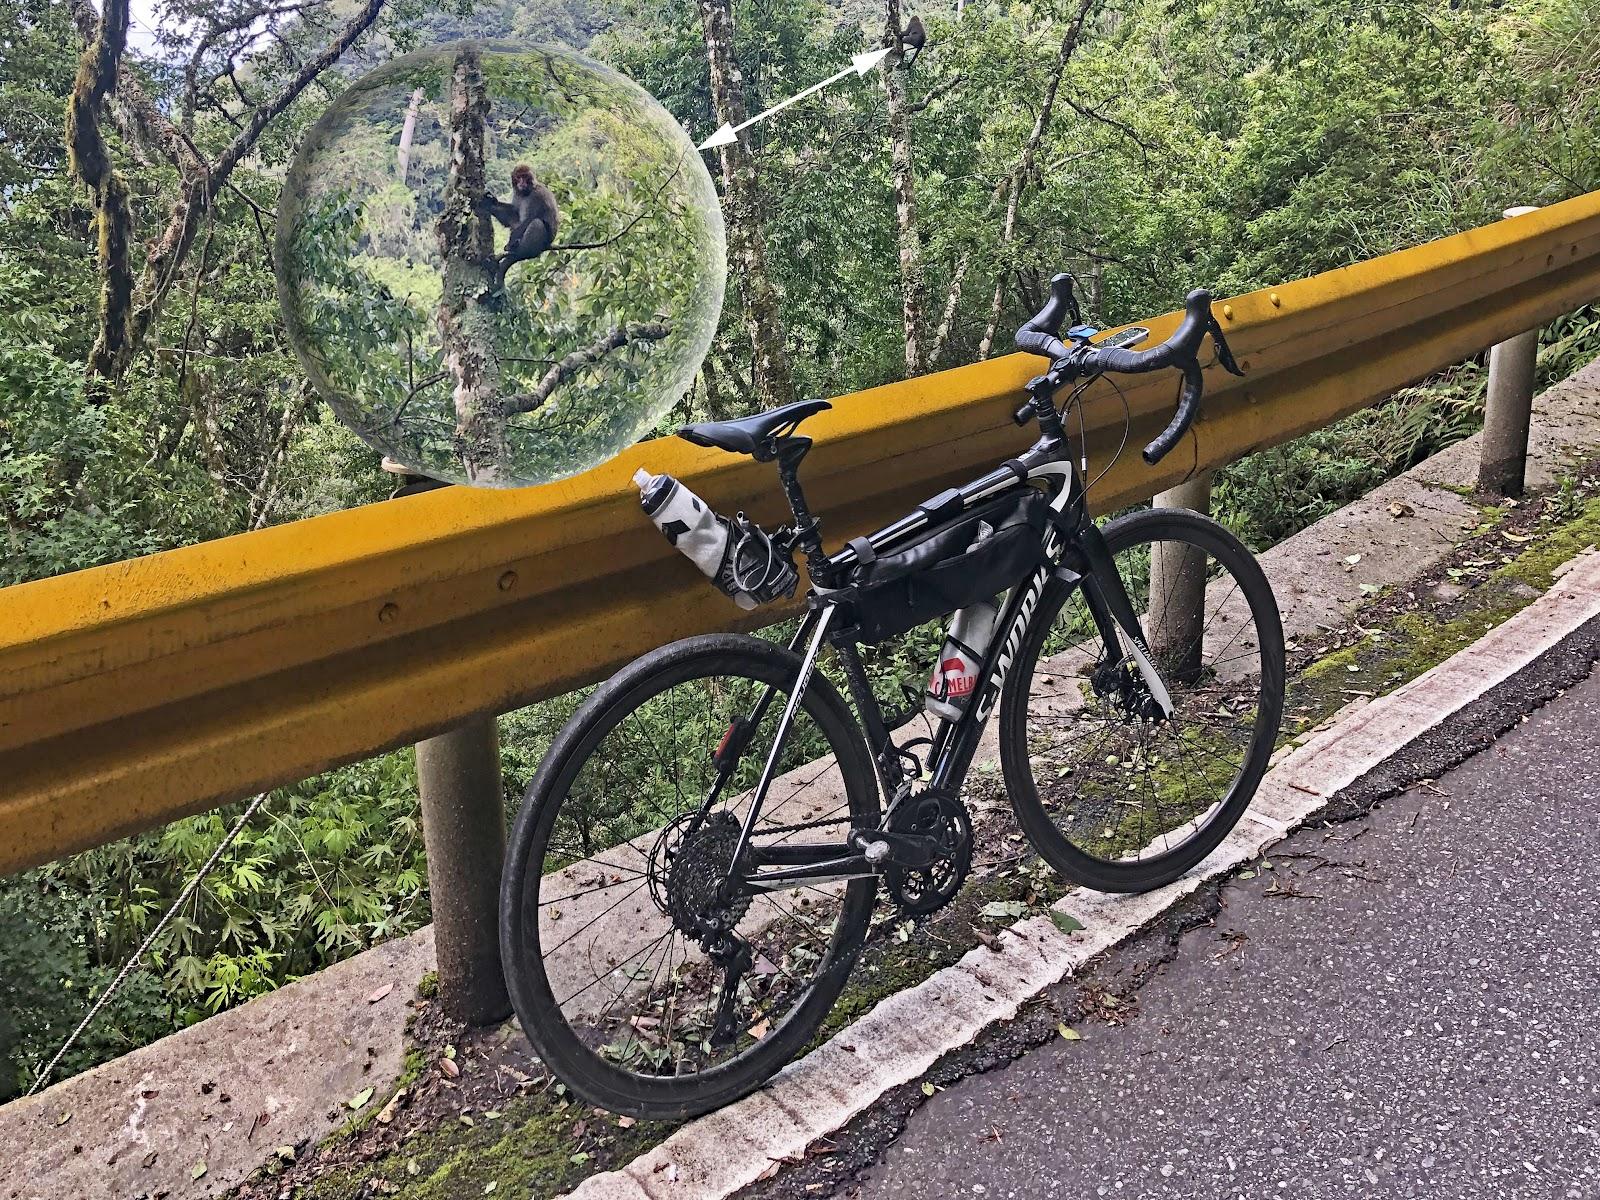 Biking up Wuling Pass East - monkey in tree